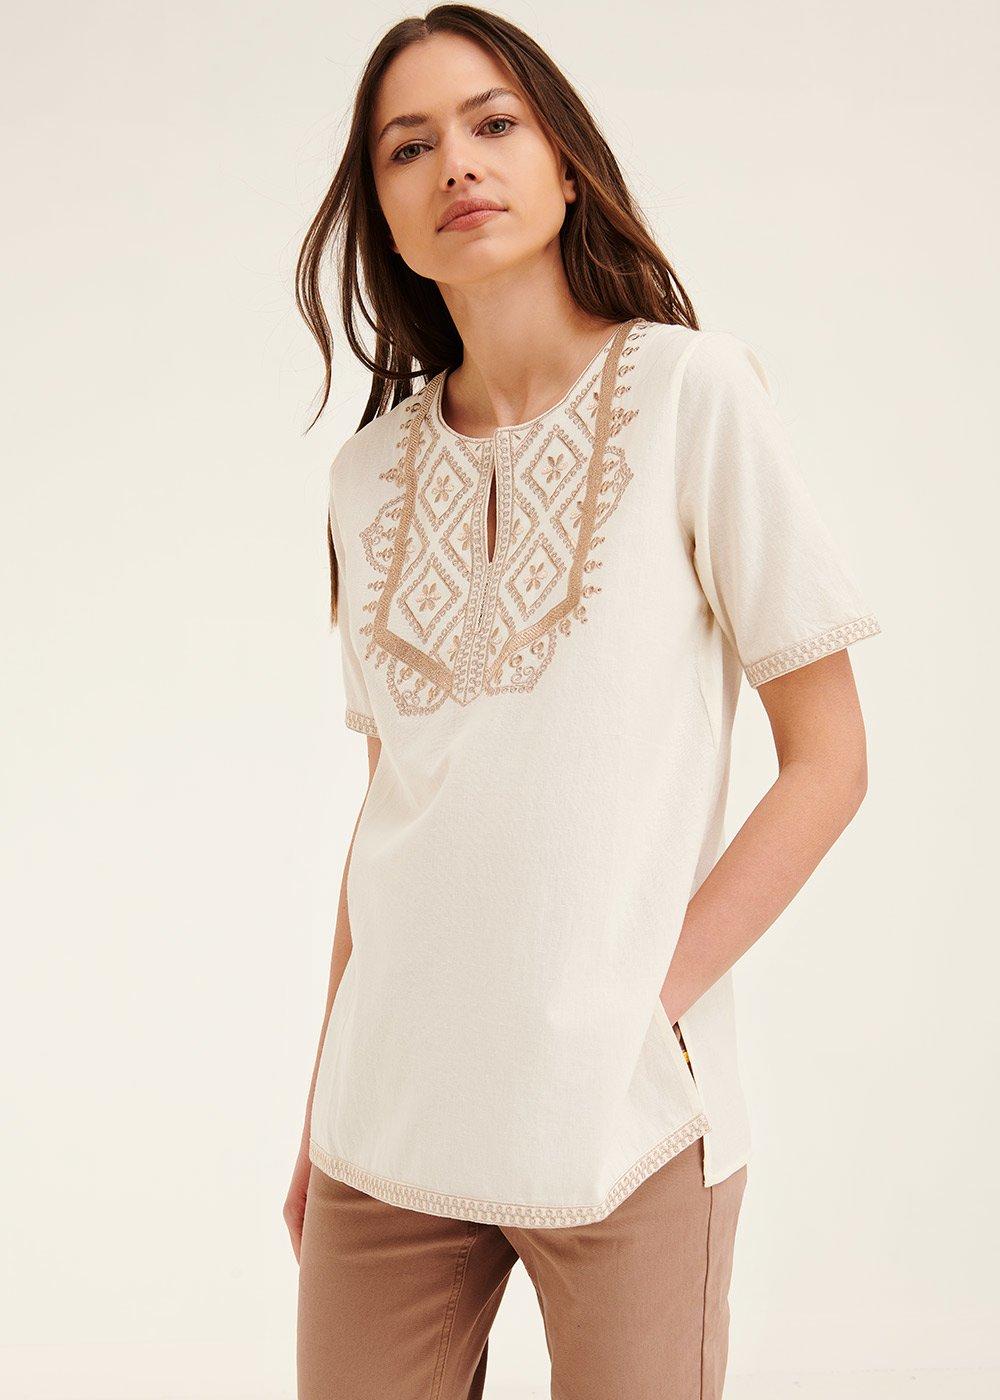 Blusa Chantal modello kaftano - White \ Sole \ Fantasia - Donna